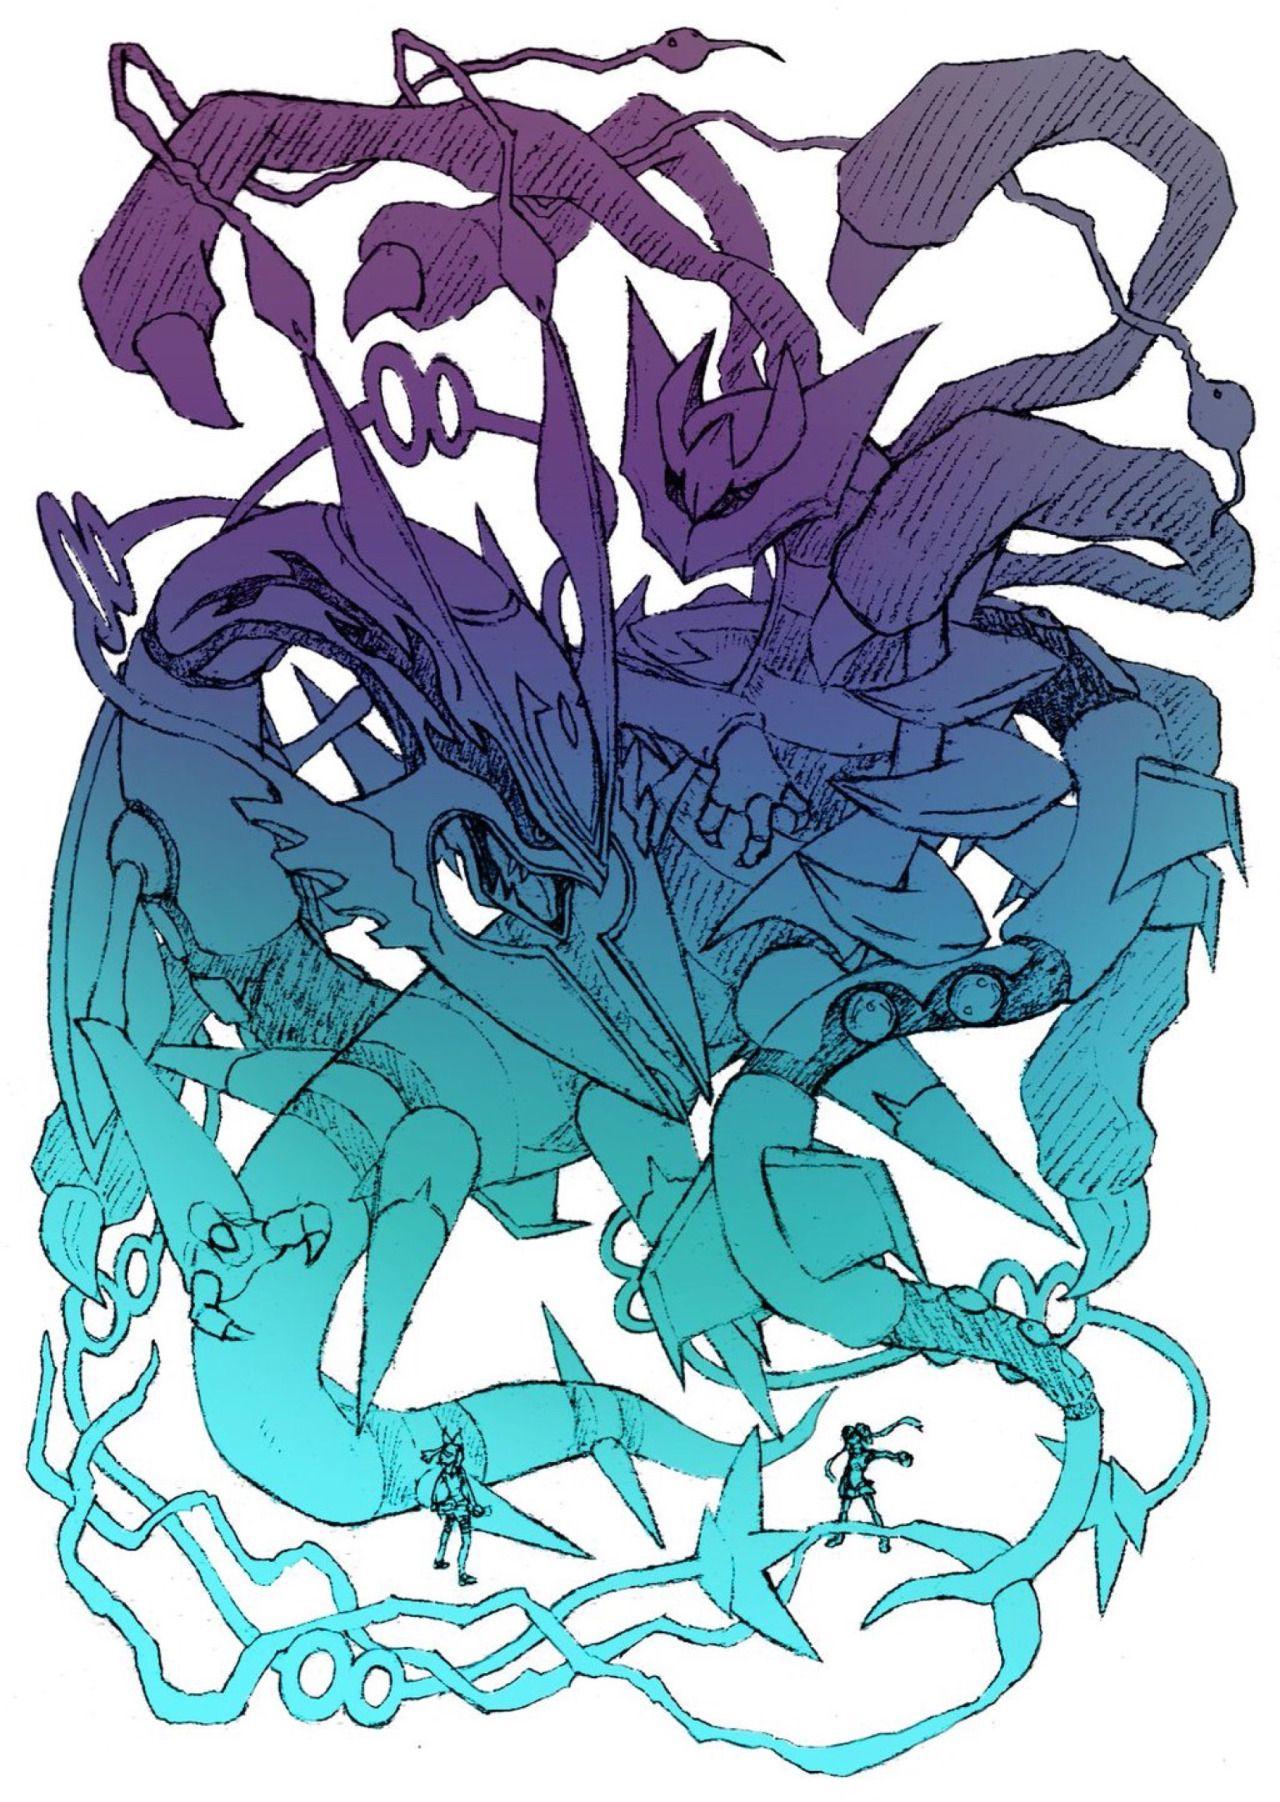 怪獣グルト — ギラティナとレックウザ | แฟนพันธุ์แท้ | pinterest